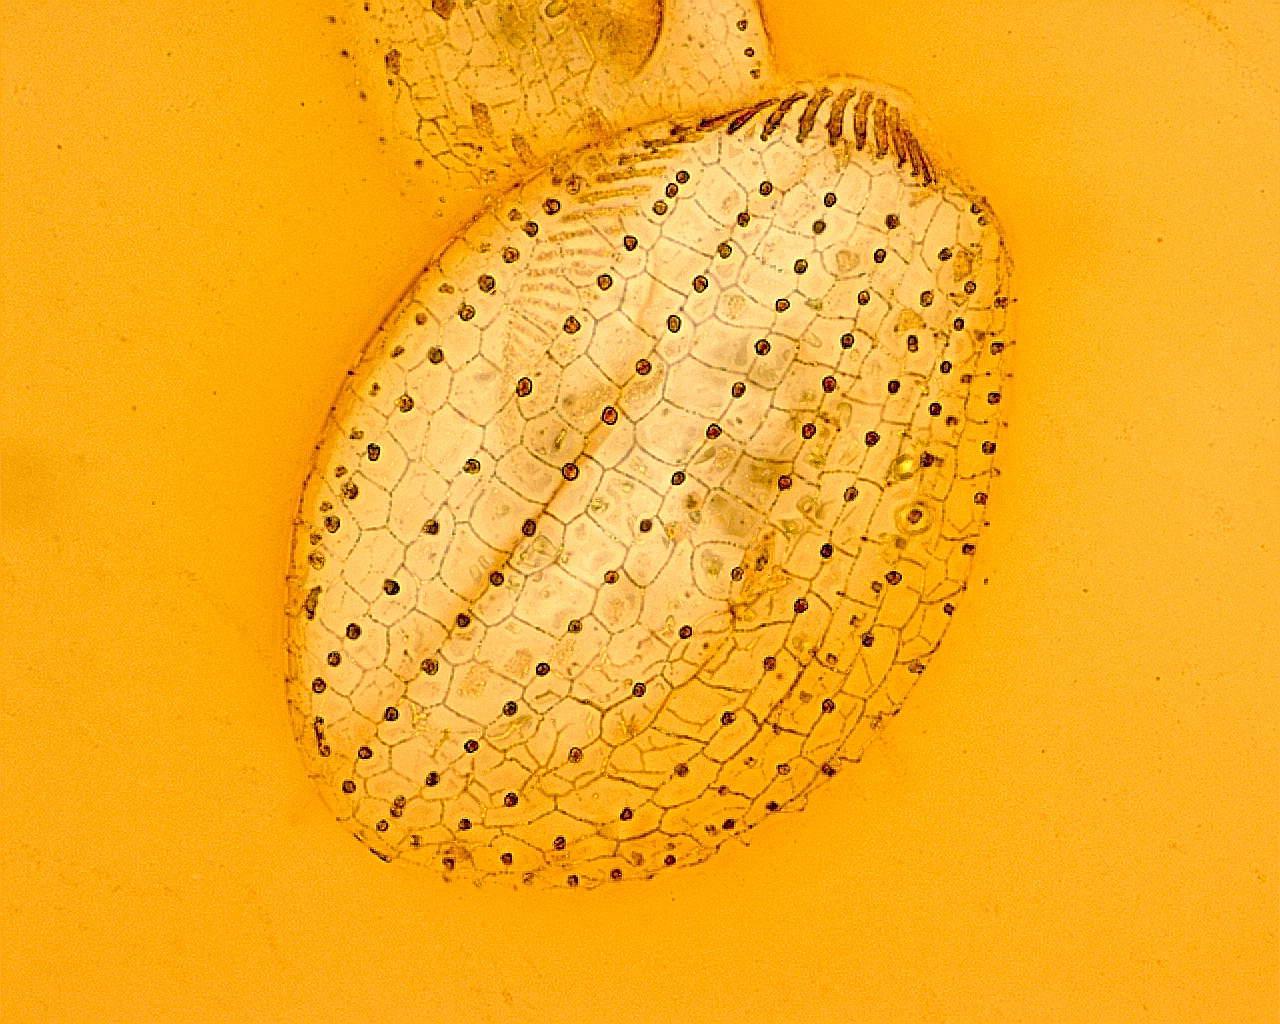 Euplotes sp. (Impregnazione argentica)